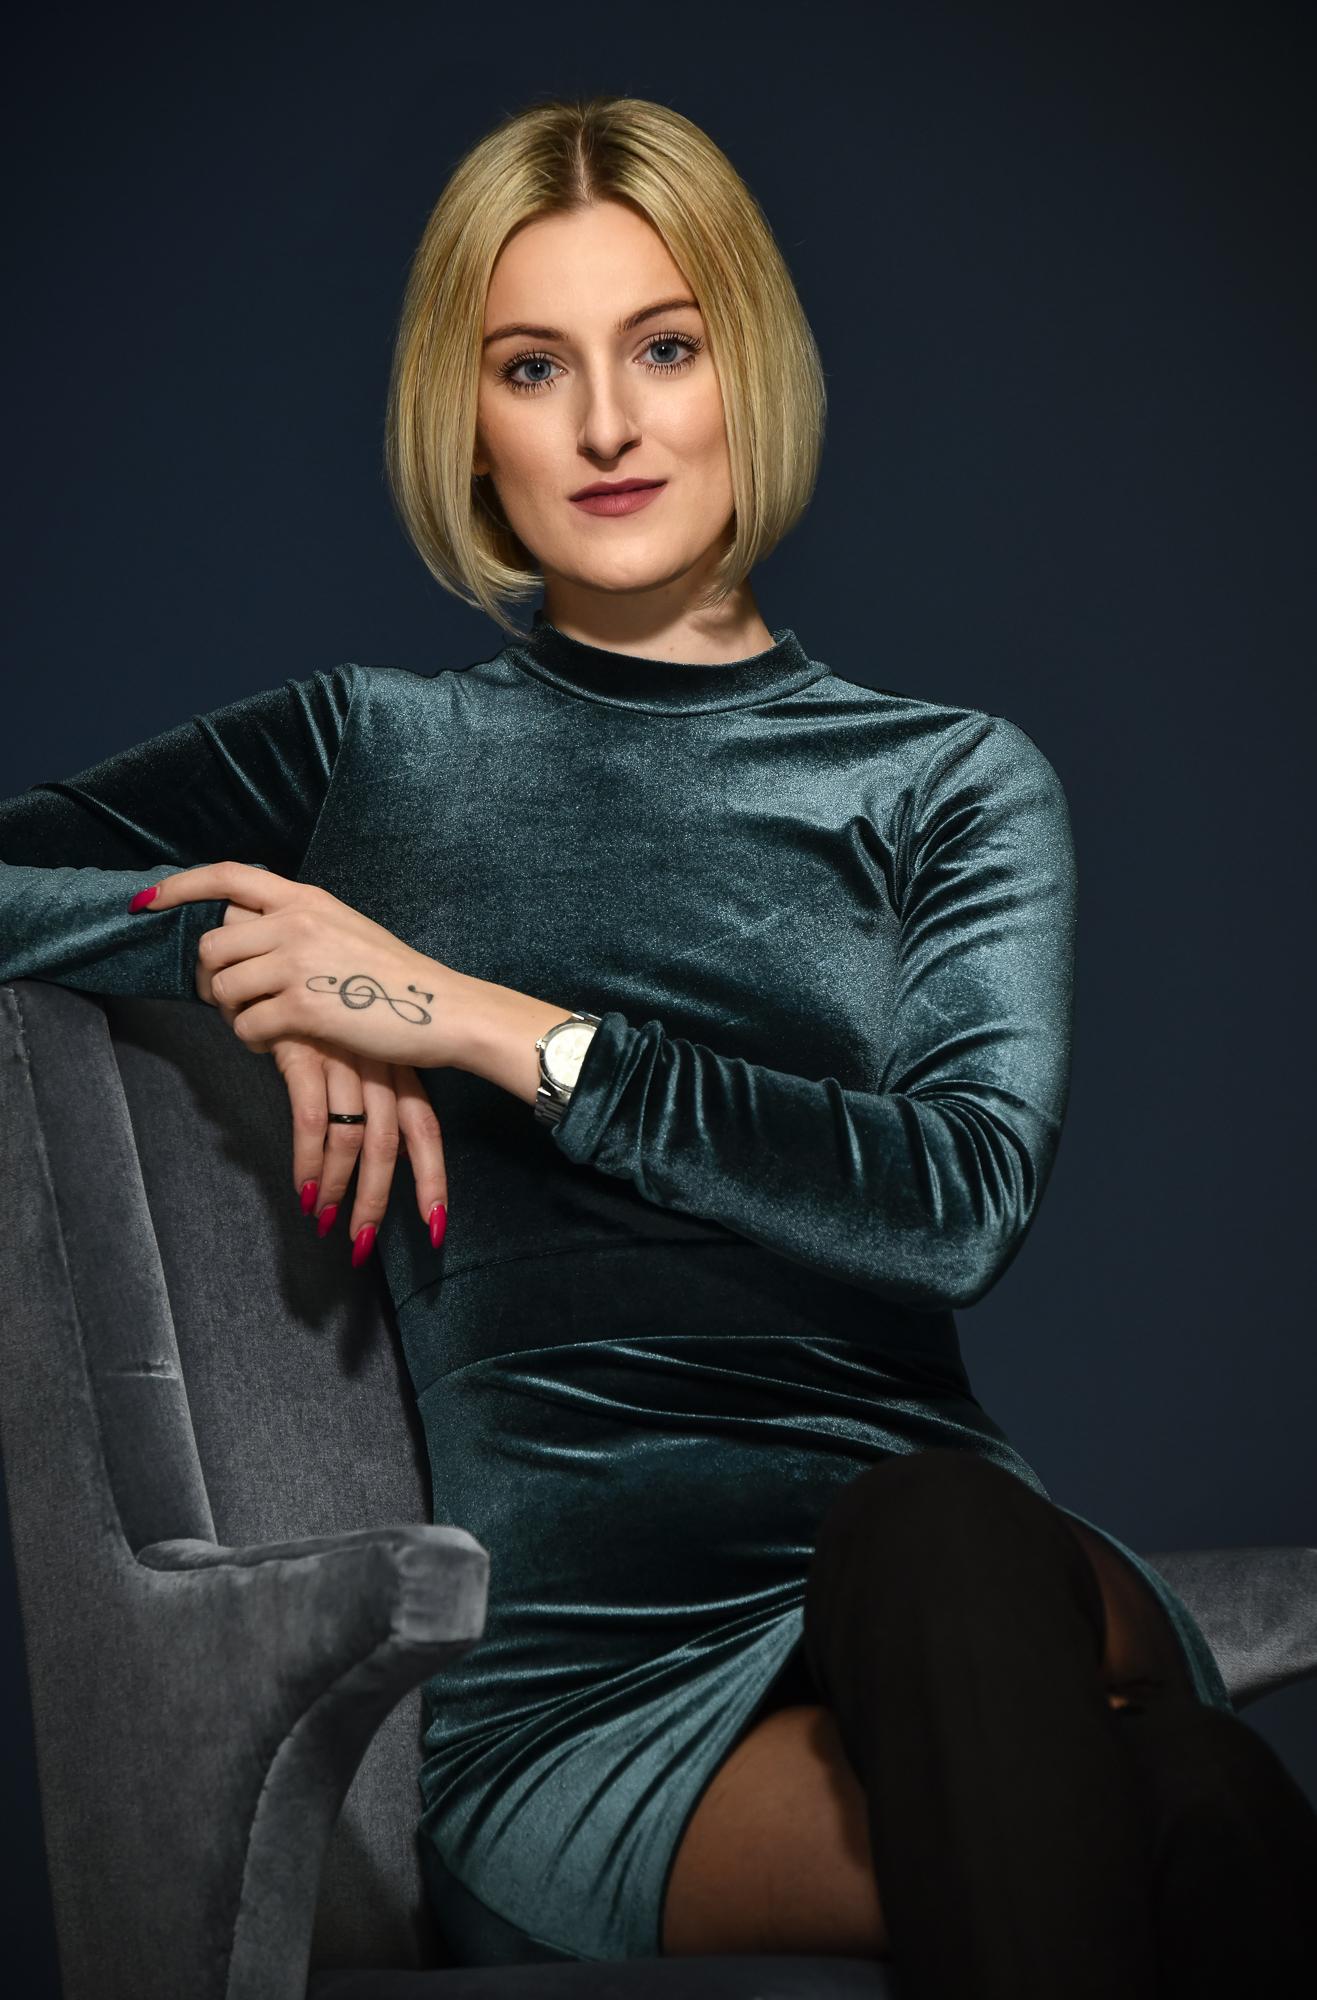 Hana Boháčková